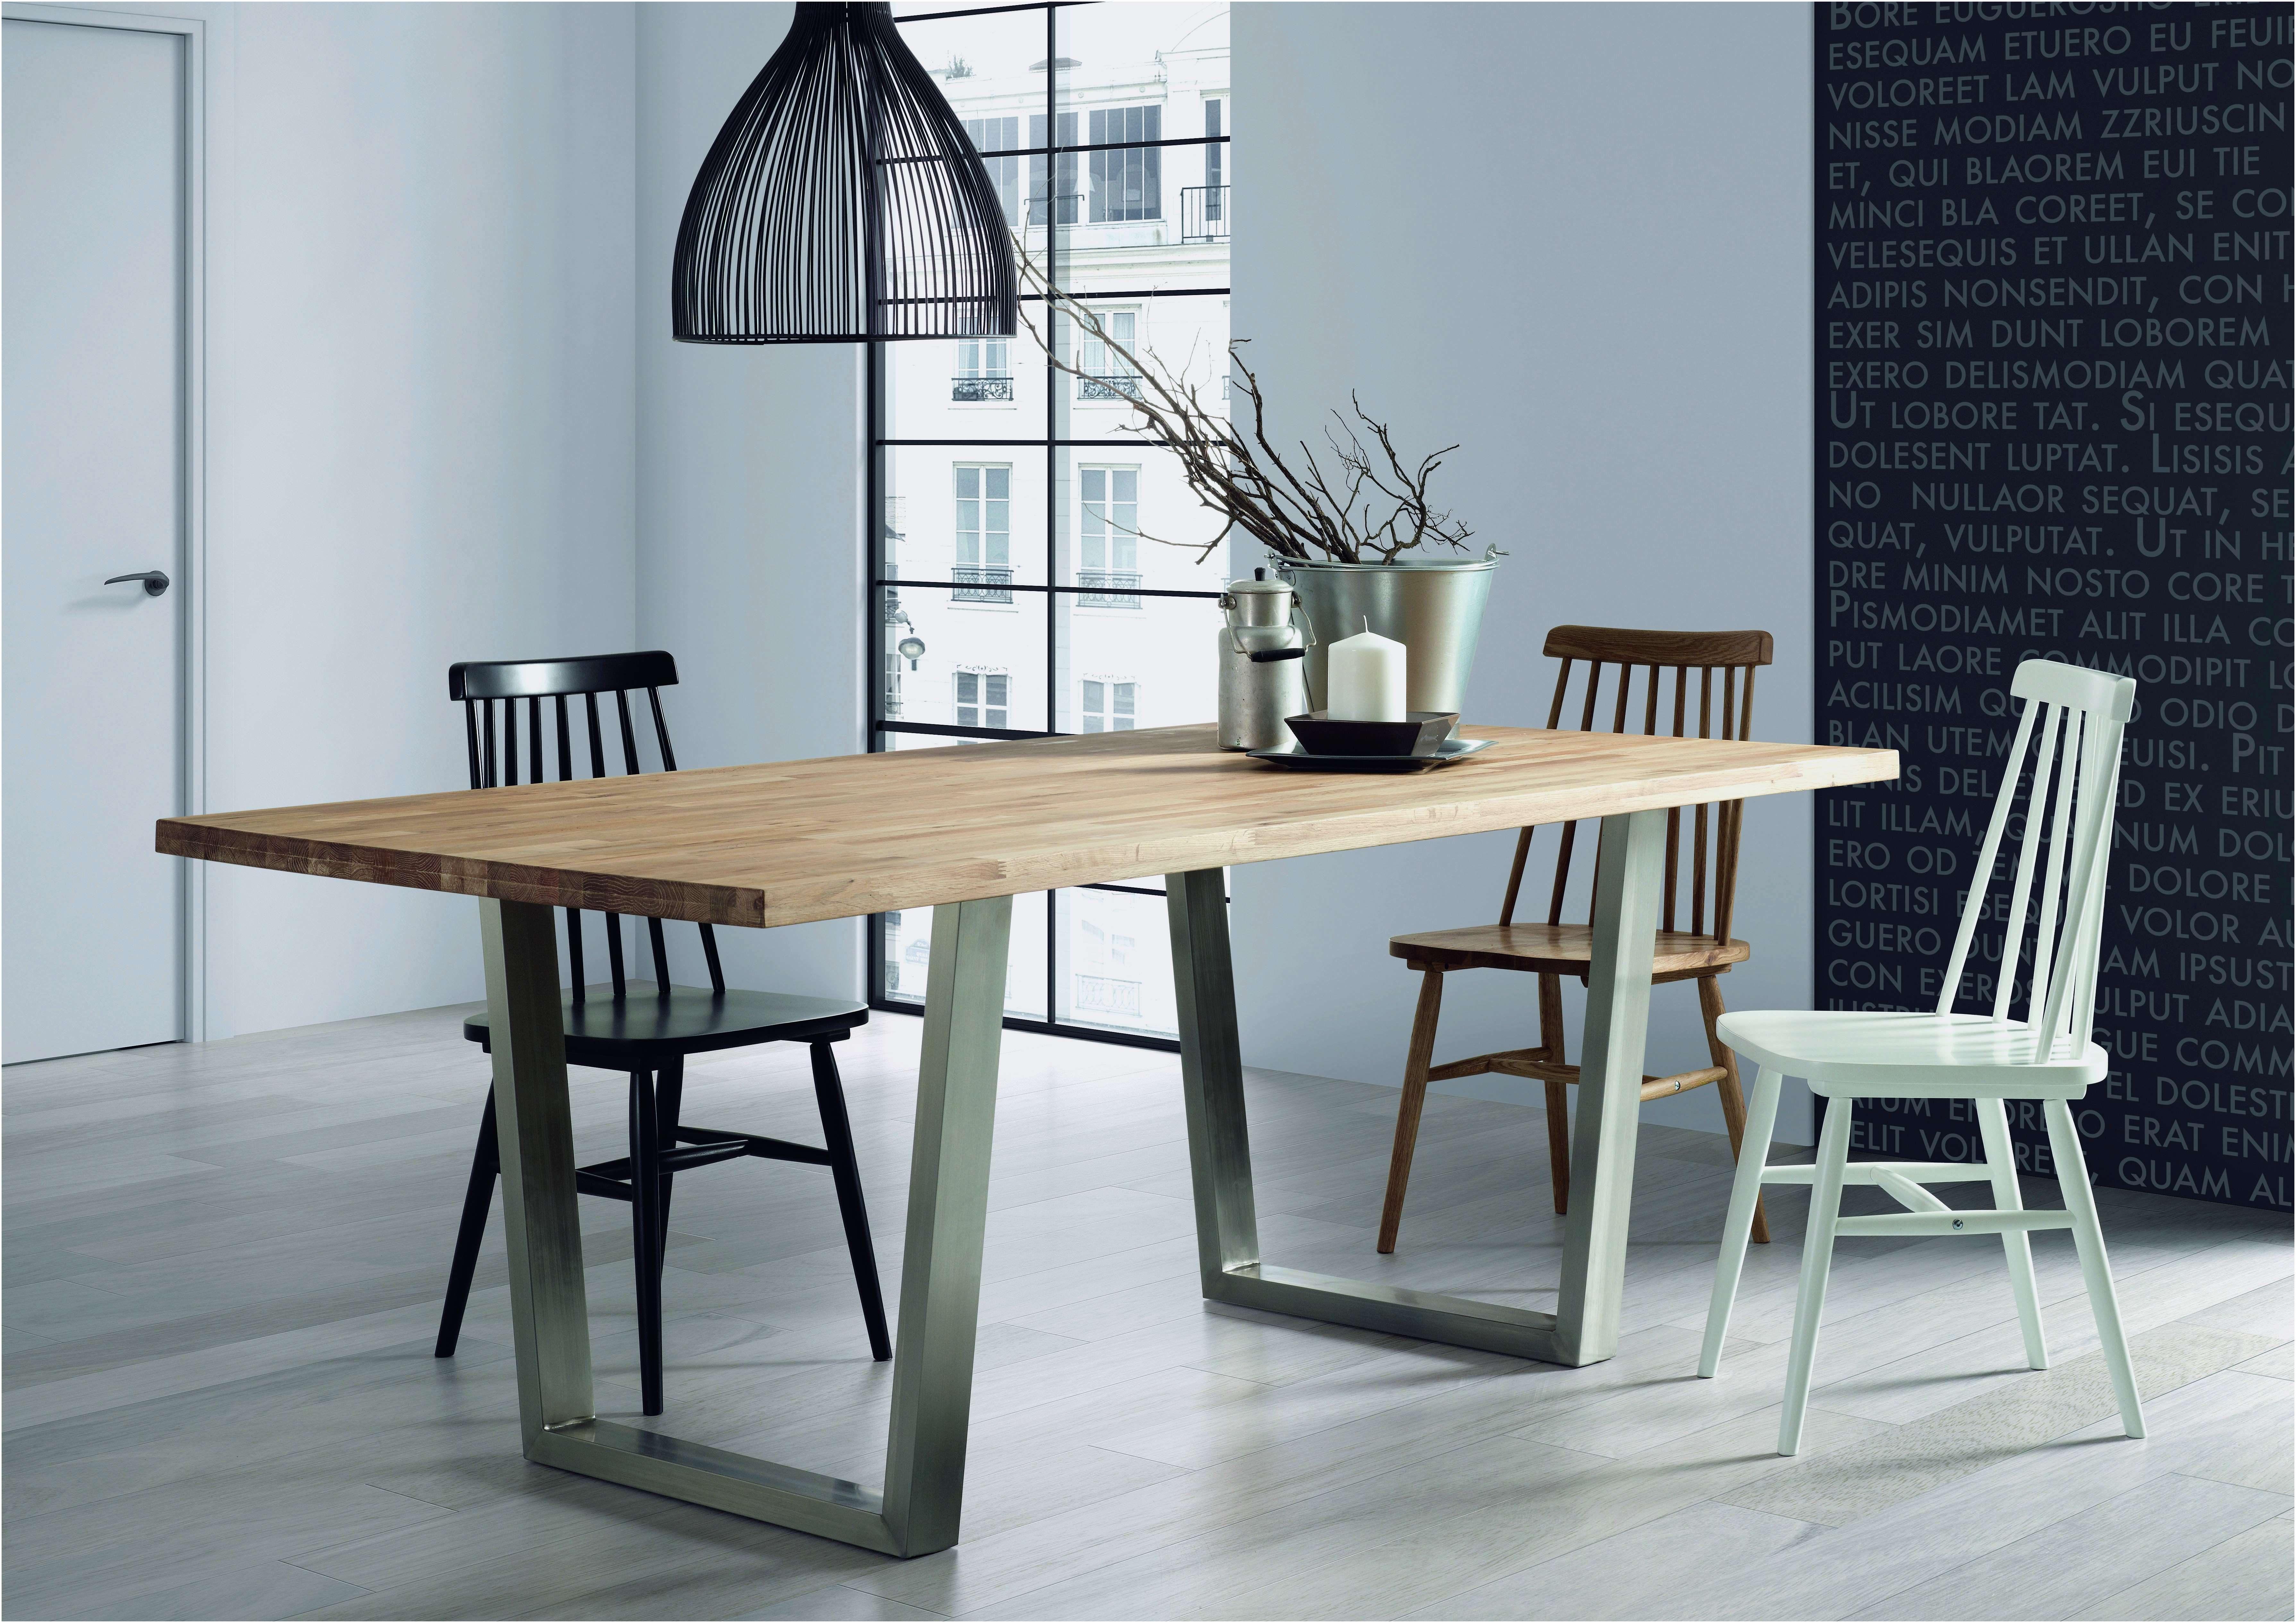 Lit Mezzanine Avec Armoire Intégrée Bel Frais Table Avec Rallonge Intégrée élégant Table Basse Avec Bar Int